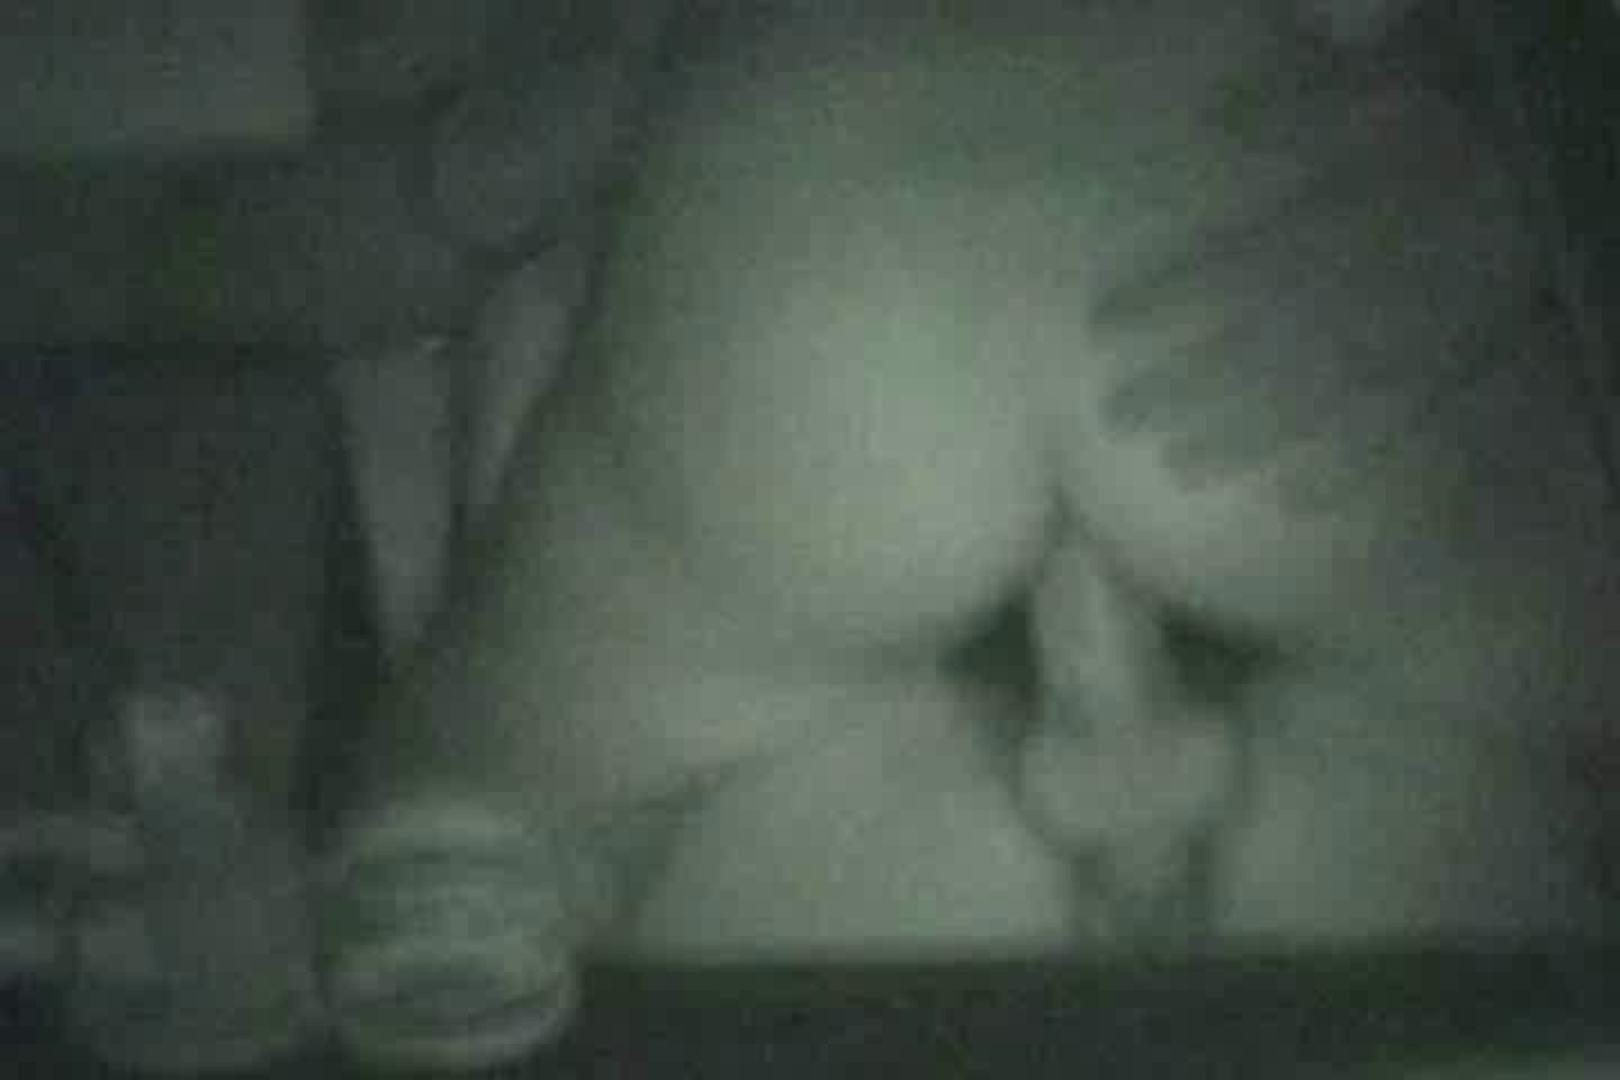 蔵出し!!赤外線カーセックスVol.24 OLセックス 盗撮エロ画像 93画像 80